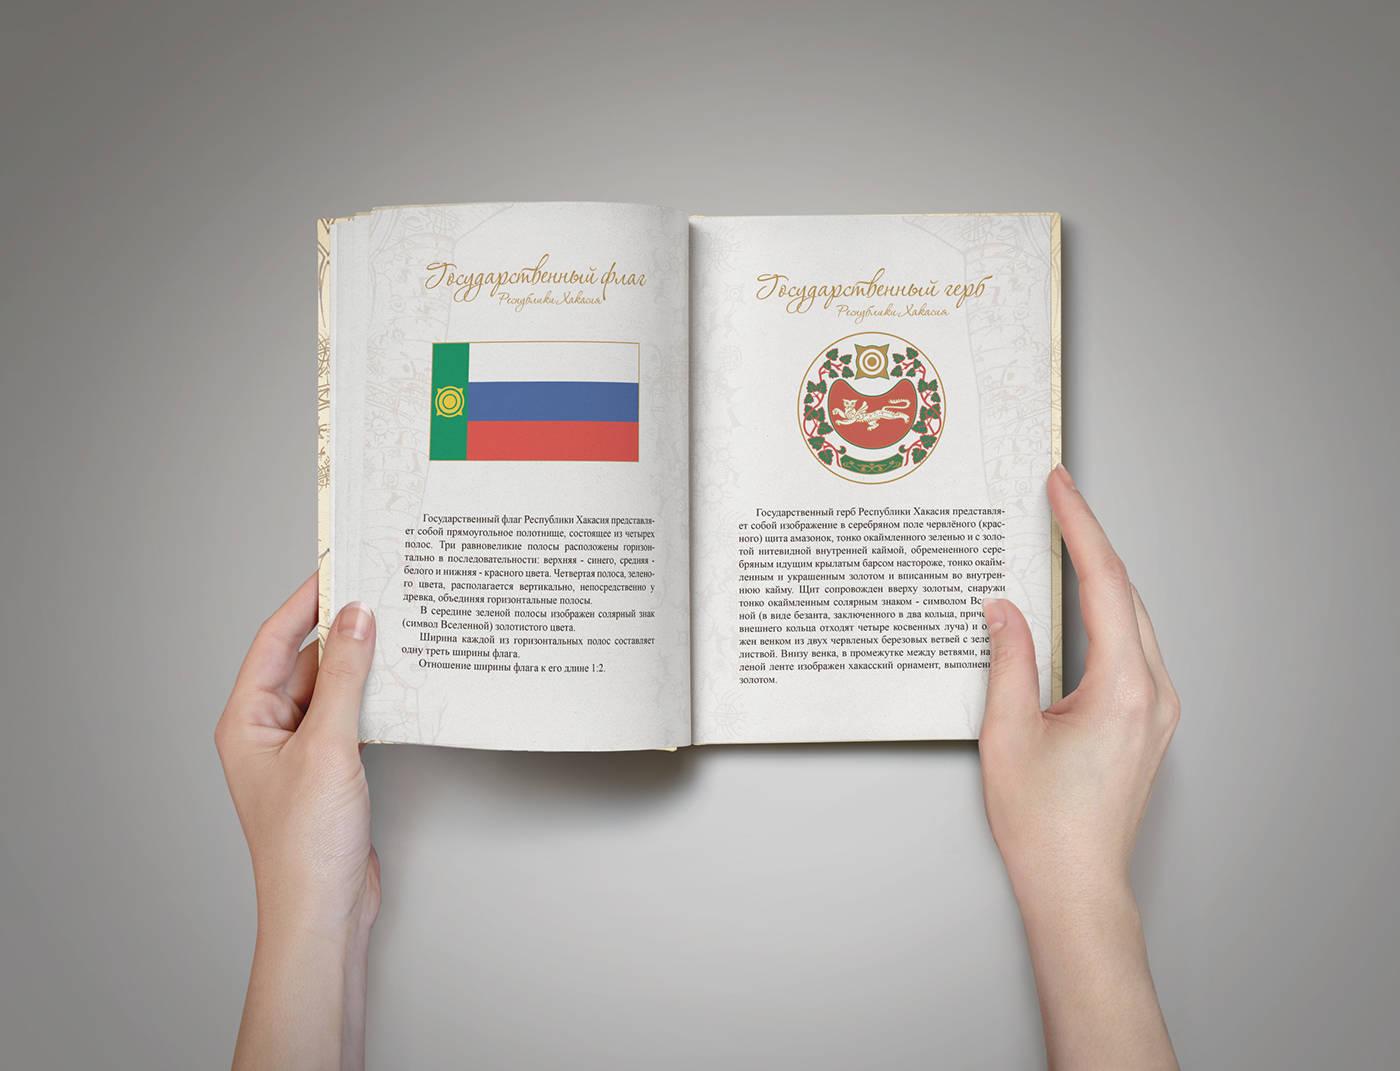 .: Дизайн и верстка юбилейного издания Конституции РХ :.